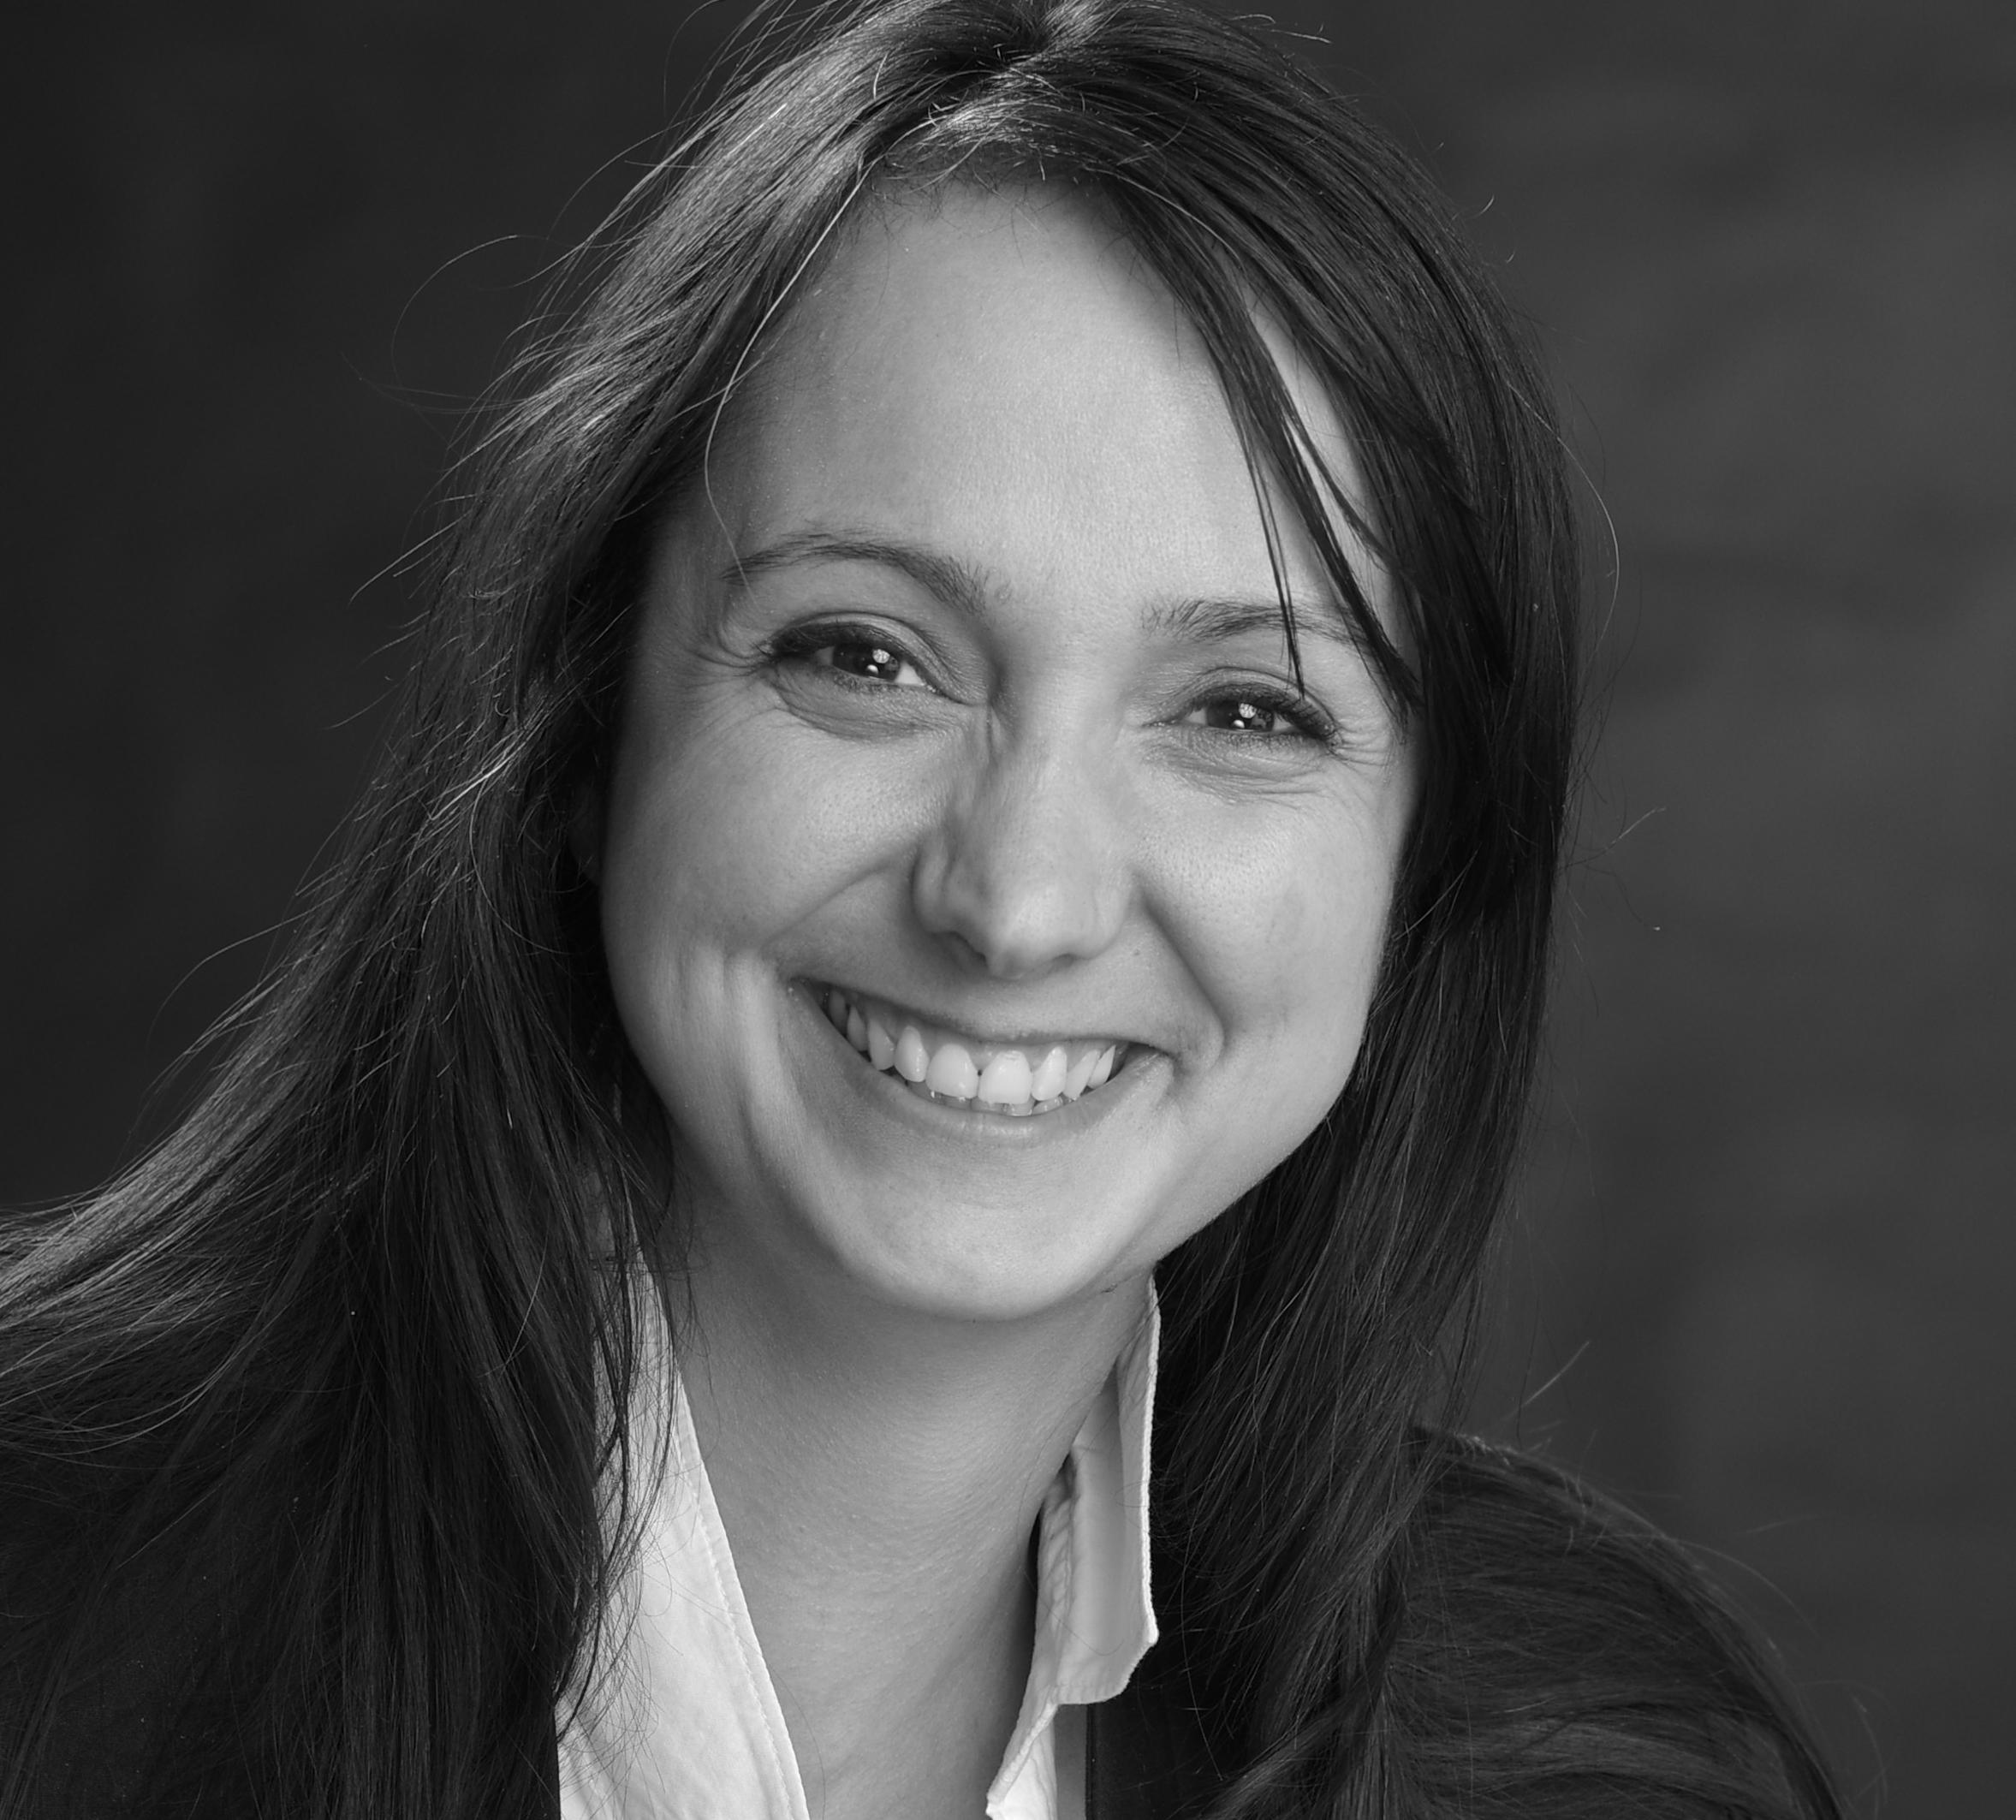 Sonia Lefèvre